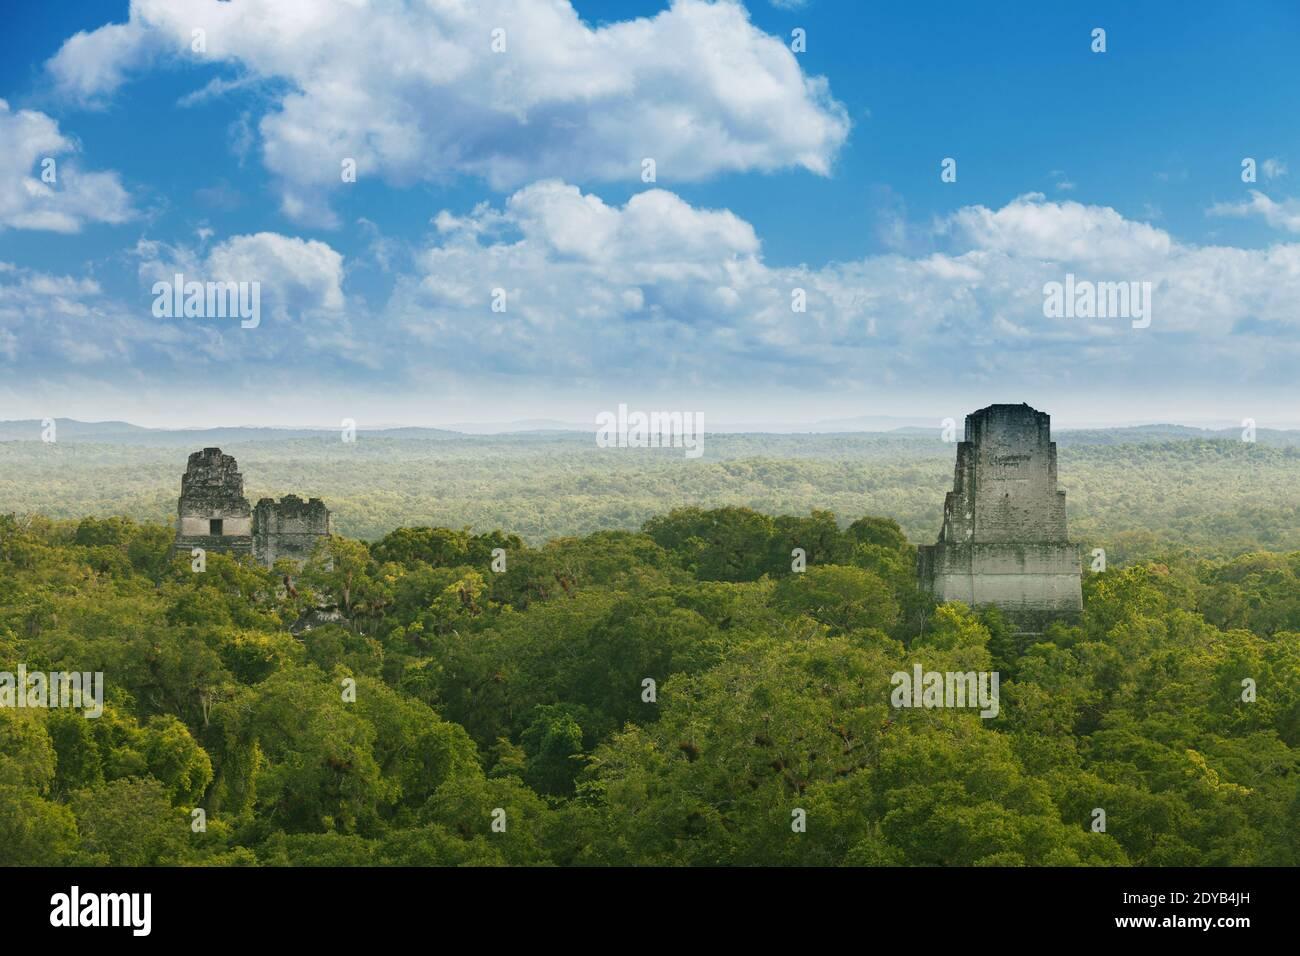 Tikal, Guatemala. Vue depuis le Temple IV sur les temples calcaires dans la jungle. Banque D'Images